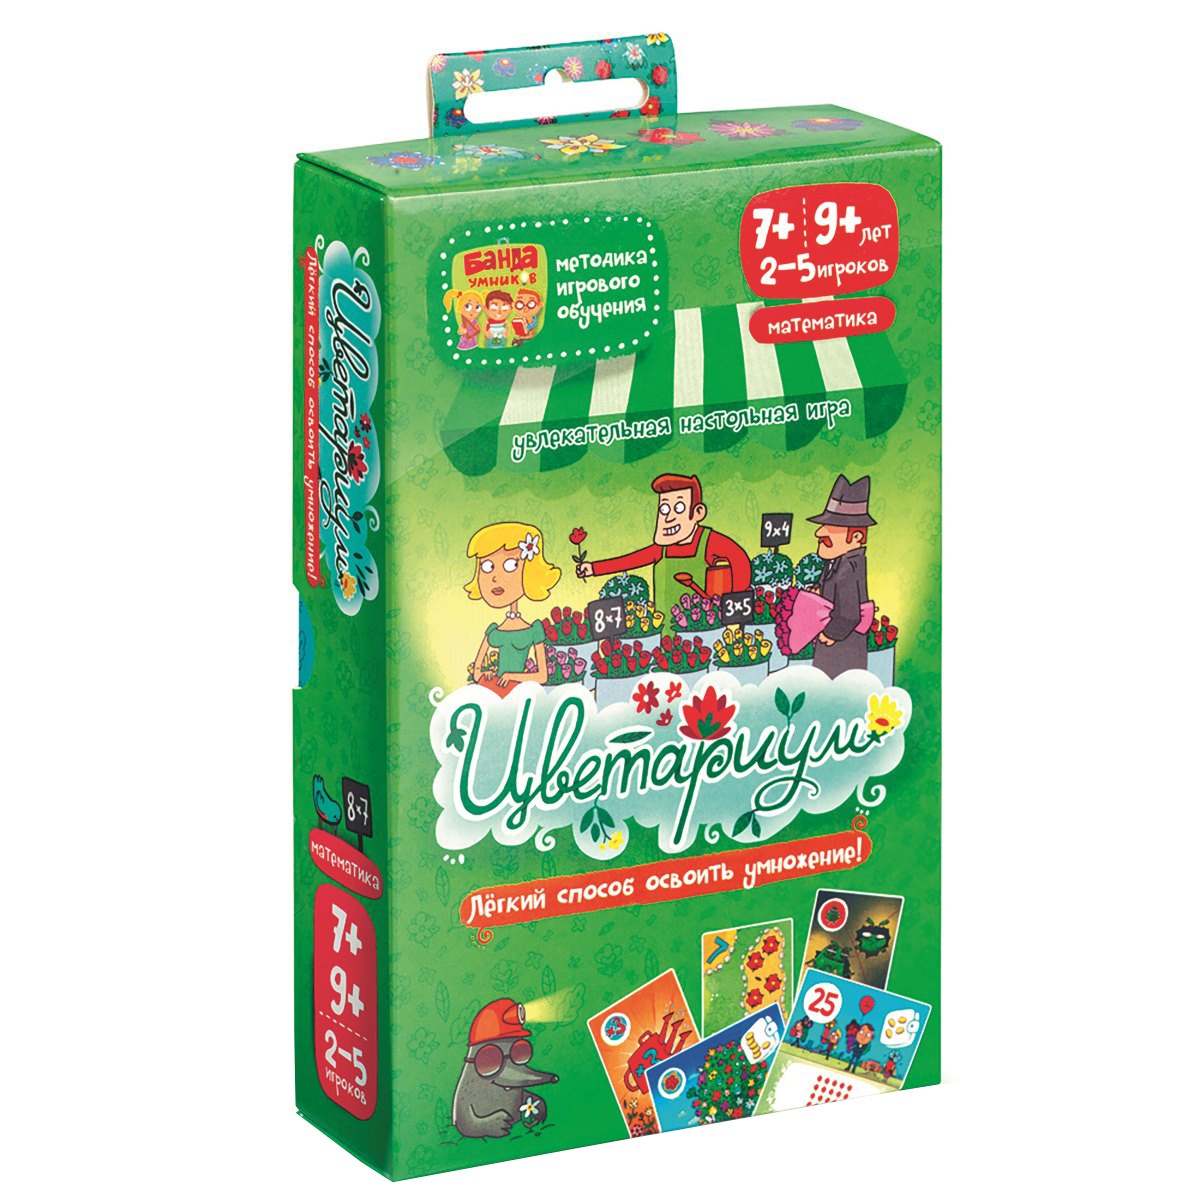 Игровой набор Банда умников НРТОЙУМ035Цветариум — это игра про выращивание и продажу цветов, которая будет интересна и детям, и взрослым. Увлекательная игровая механика и потрясающее оформление игры не оставит равнодушными ни девочек, ни мальчиков. В игре не только сама собой запоминается вся таблица умножения, но и наглядно осваивается решение прикладных задач с его использованием. В комплекте: 96 прямоугольных карт с цветами и 30 квадратных карт с покупателями, иллюстрированные правила.